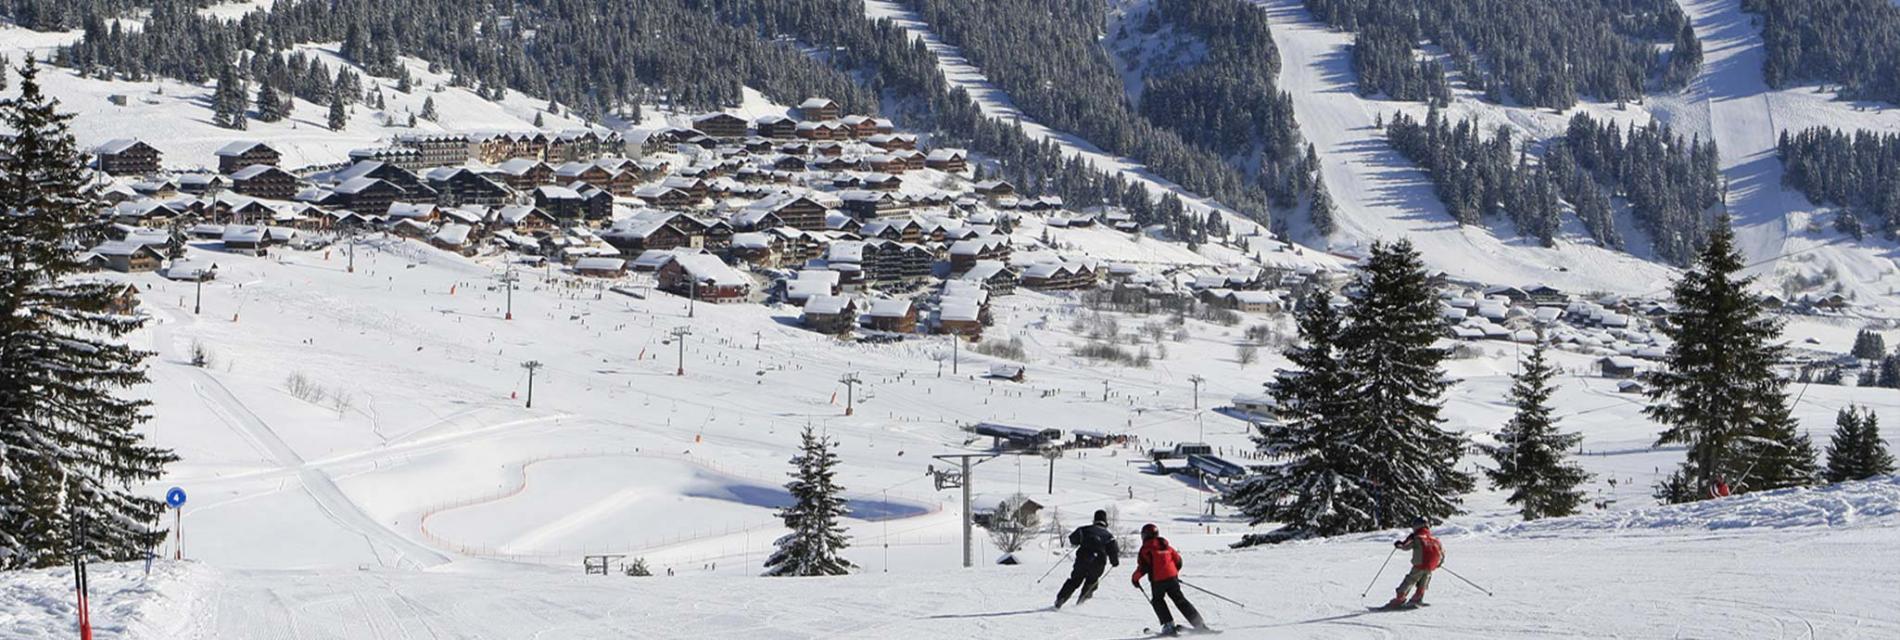 Slide le domaine skiable des Saisies